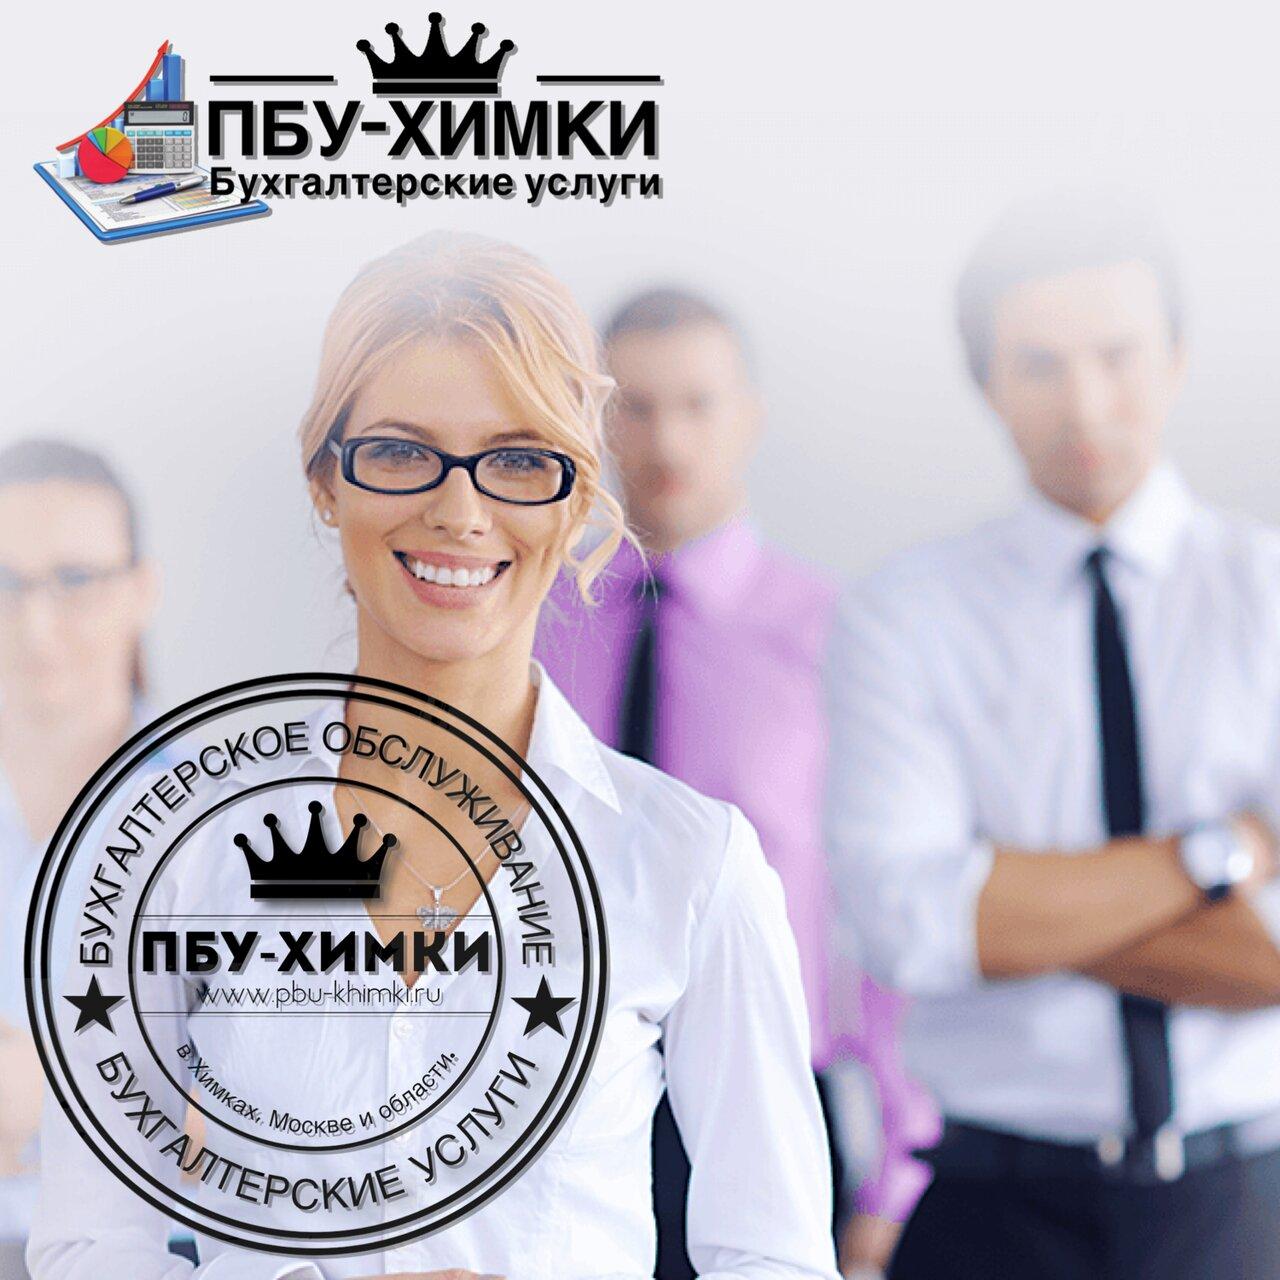 Услуга бухгалтера химки должностные инструкция бухгалтера услугам